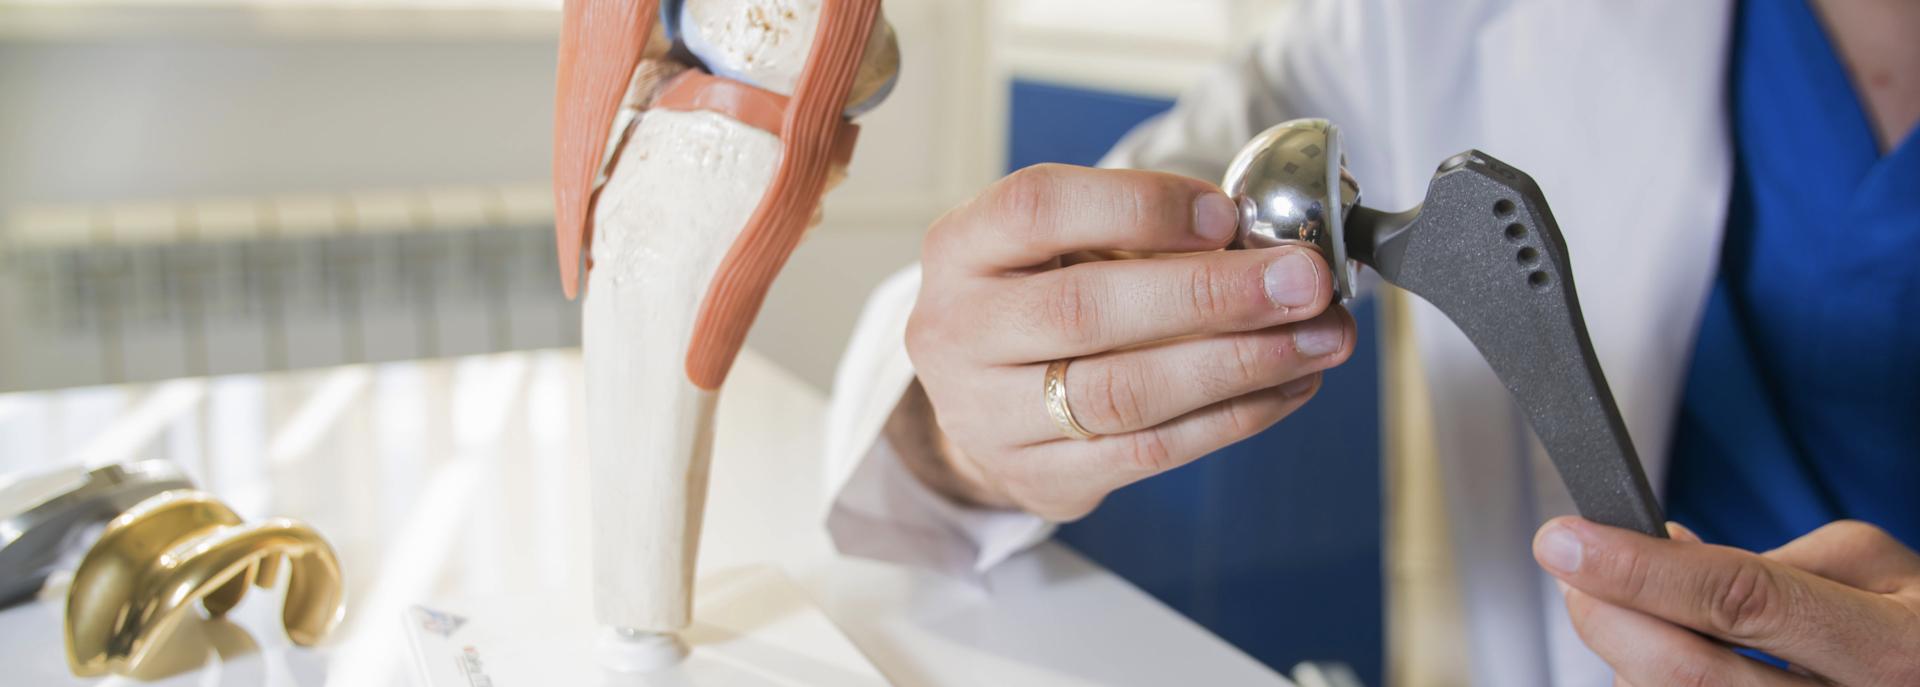 Protesi d'anca: cos'è, le tipologie principali e i materiali utilizzati